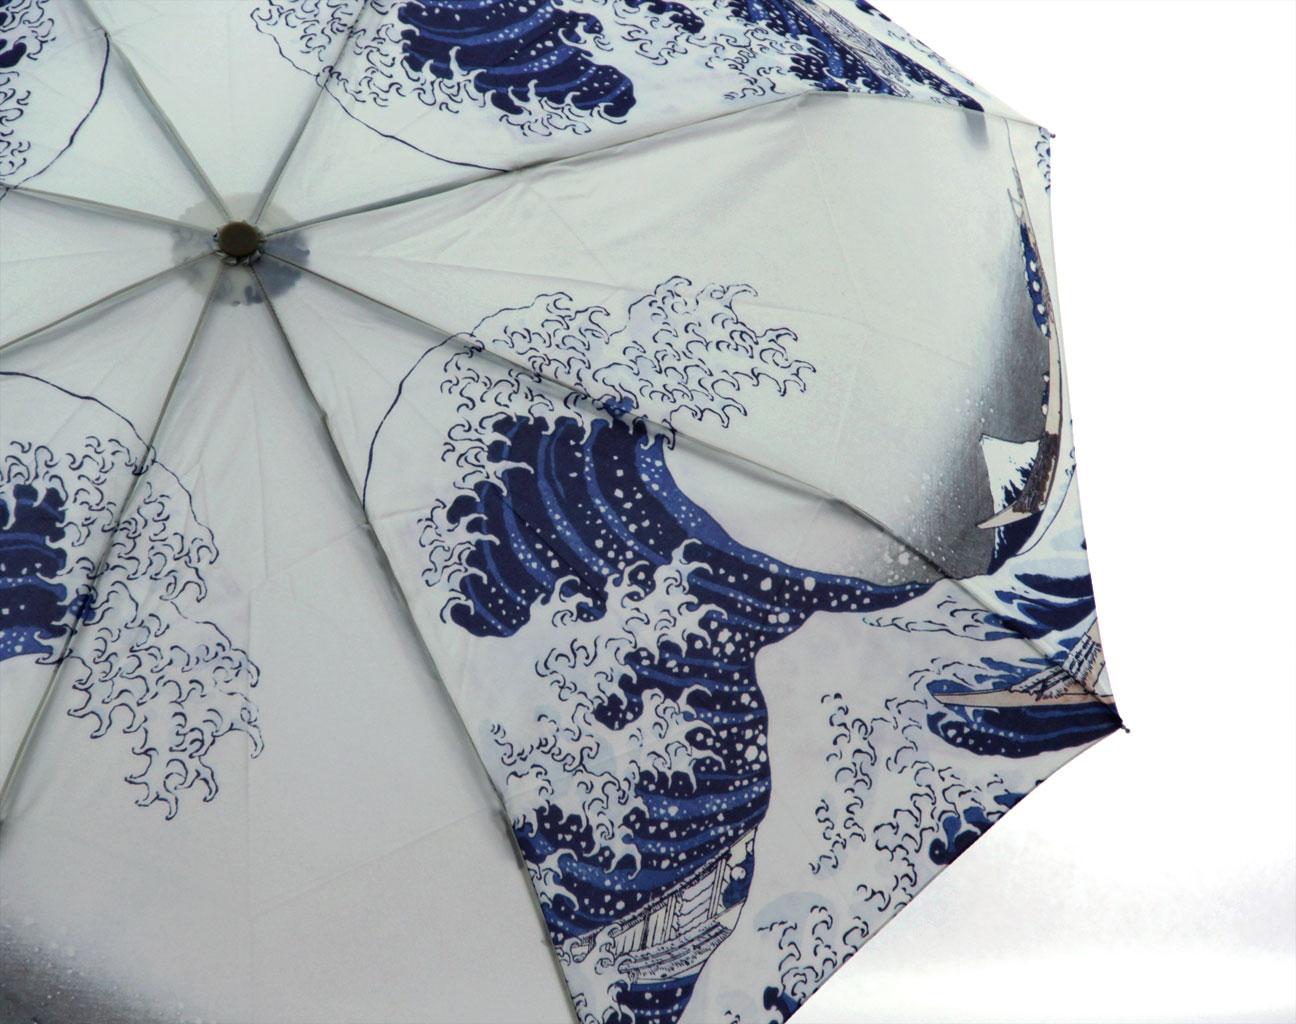 Mount fuji custom print umbrella